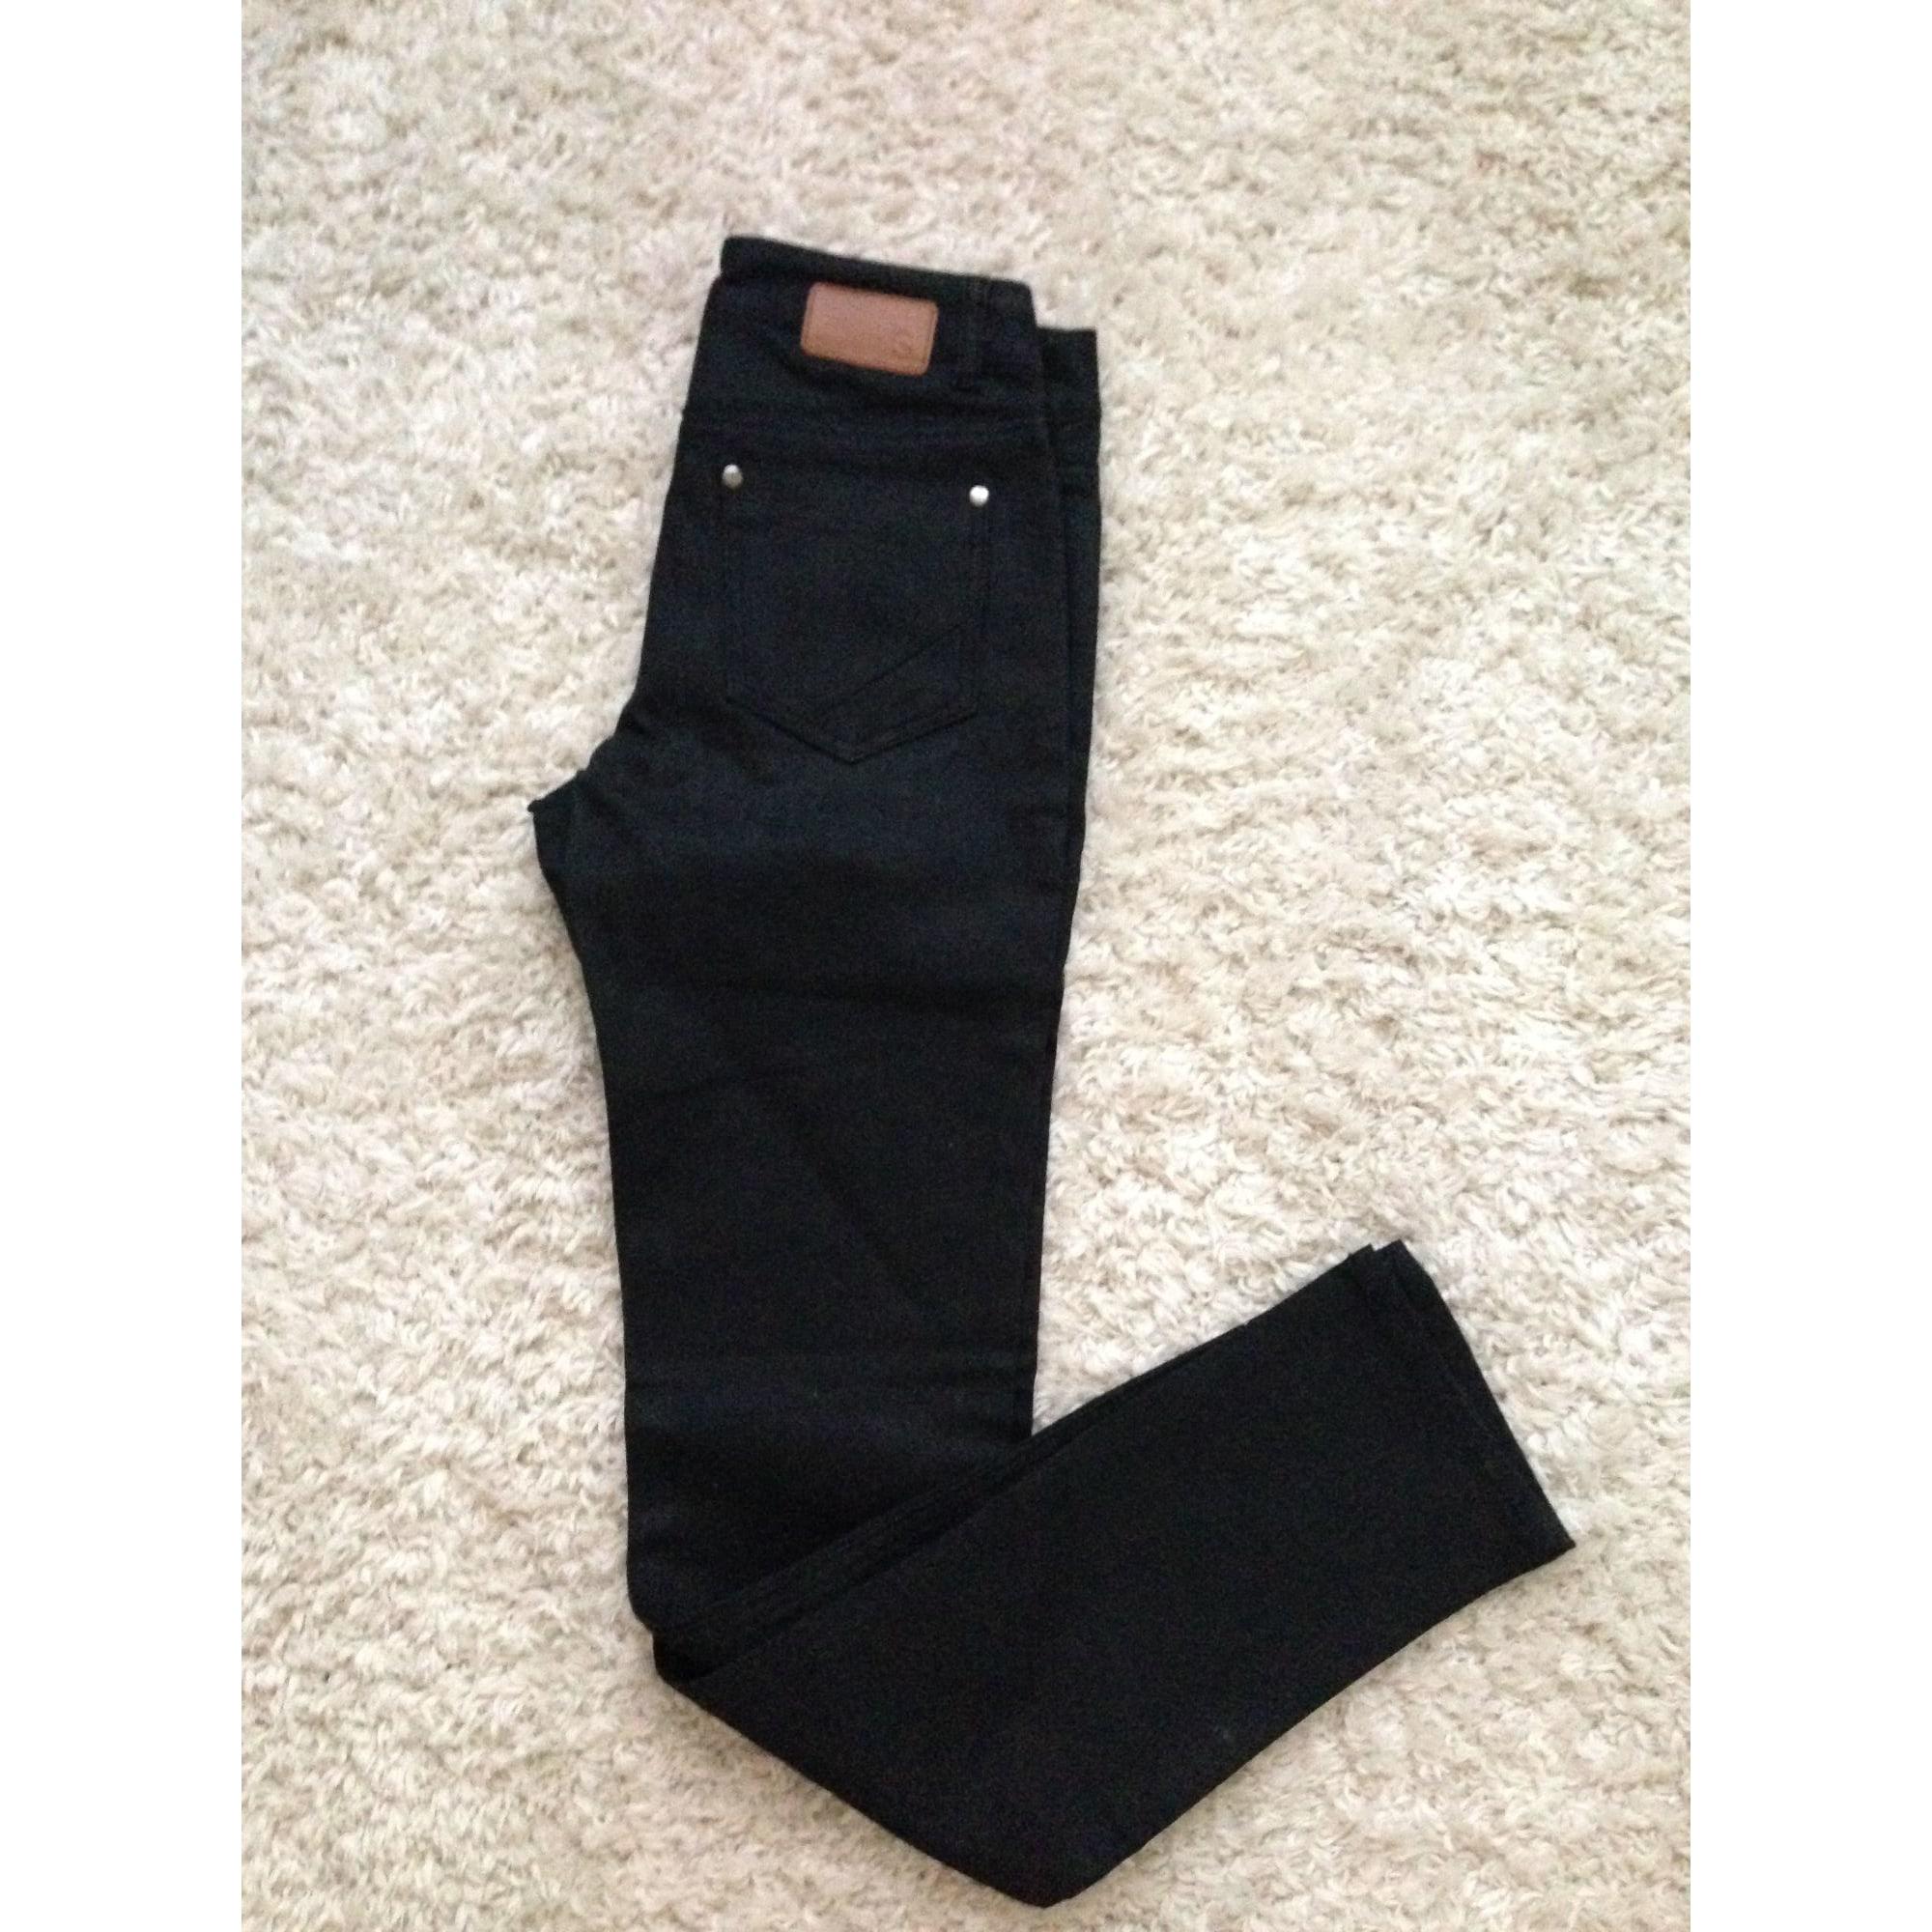 Pantalon droit 3 SUISSES Noir